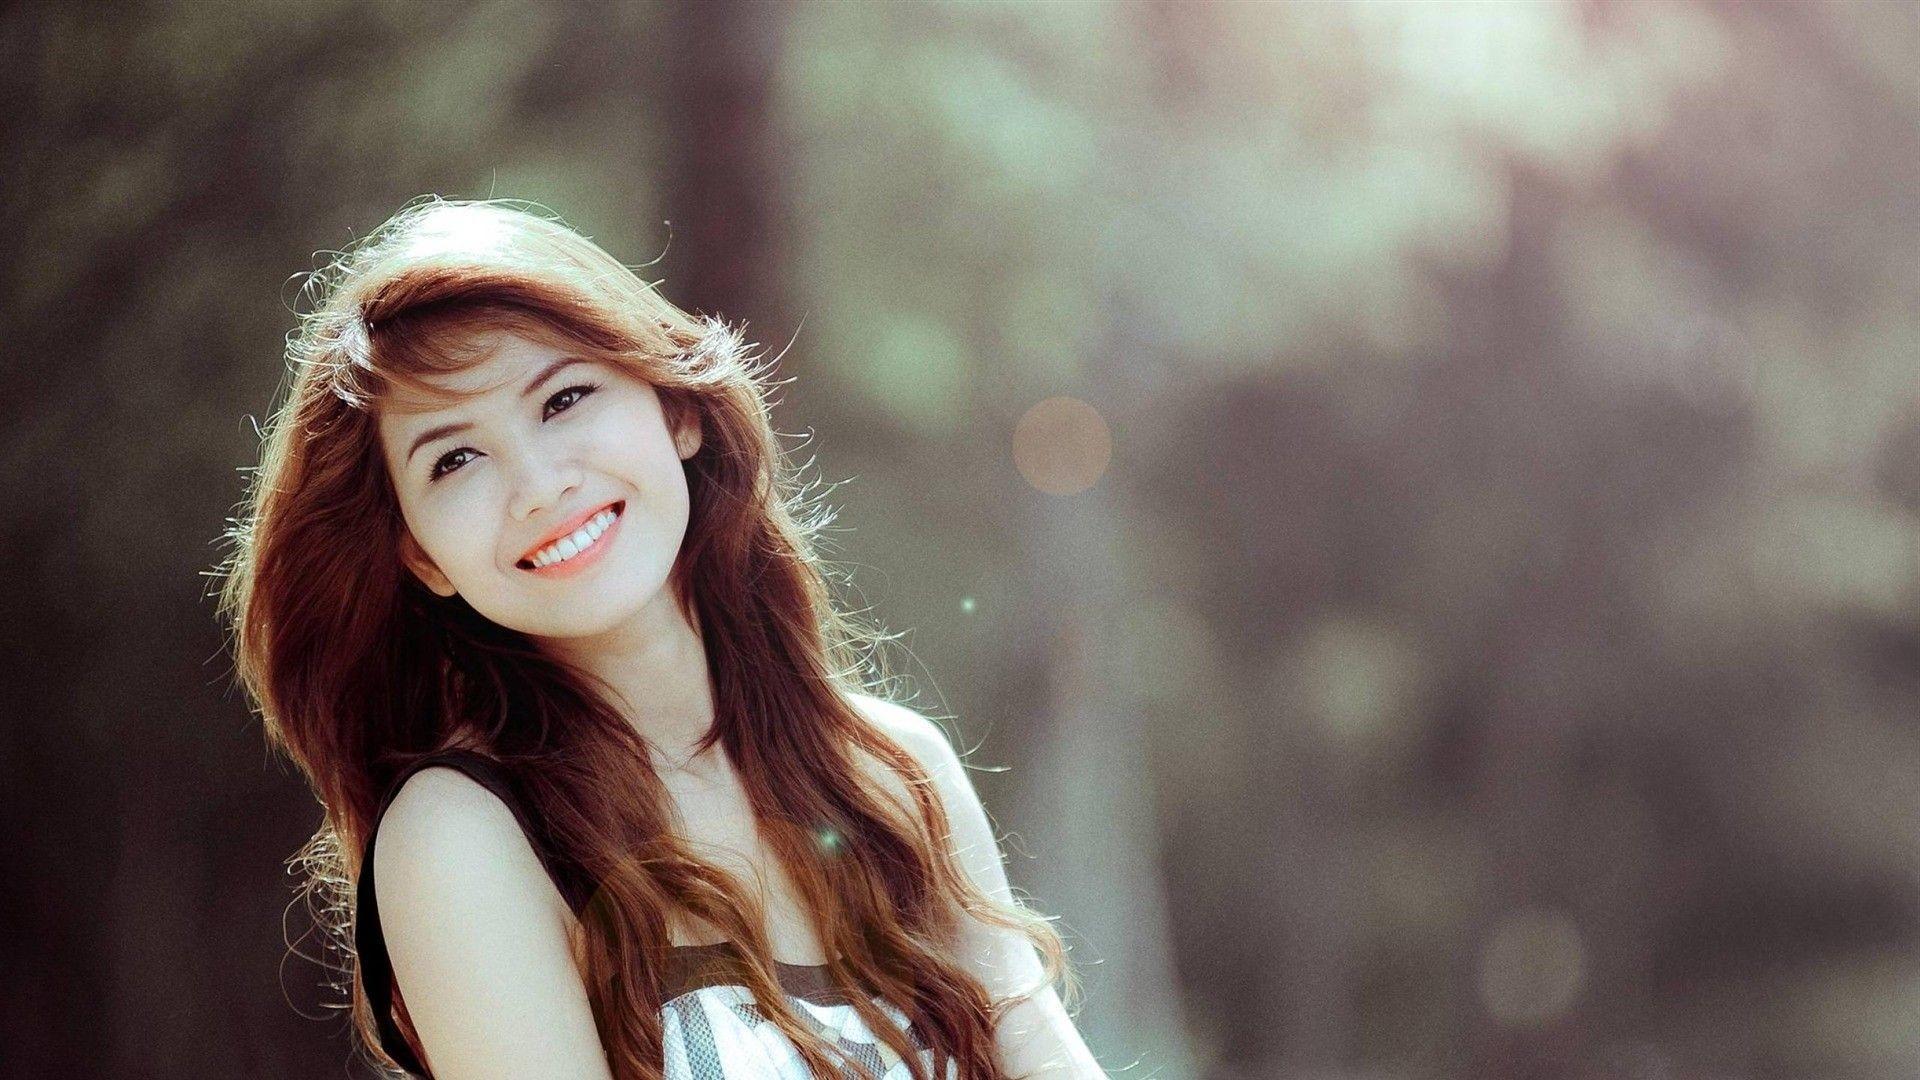 Korean Beautiful Girls Wallpapers